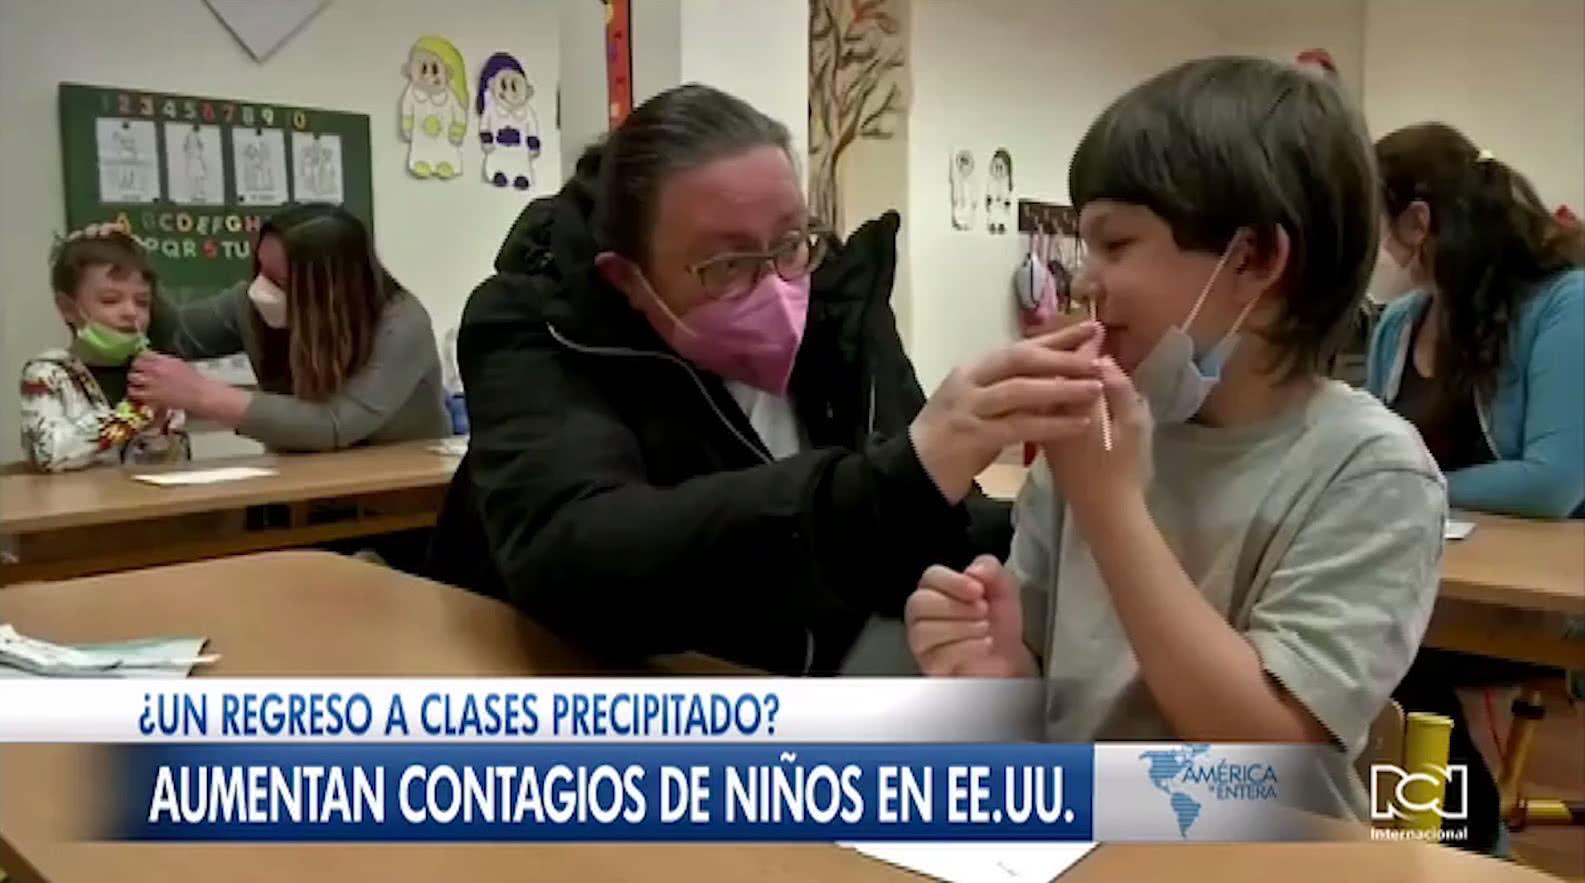 Crece el número de niños contagiados de Covid-19 en Estados Unidos